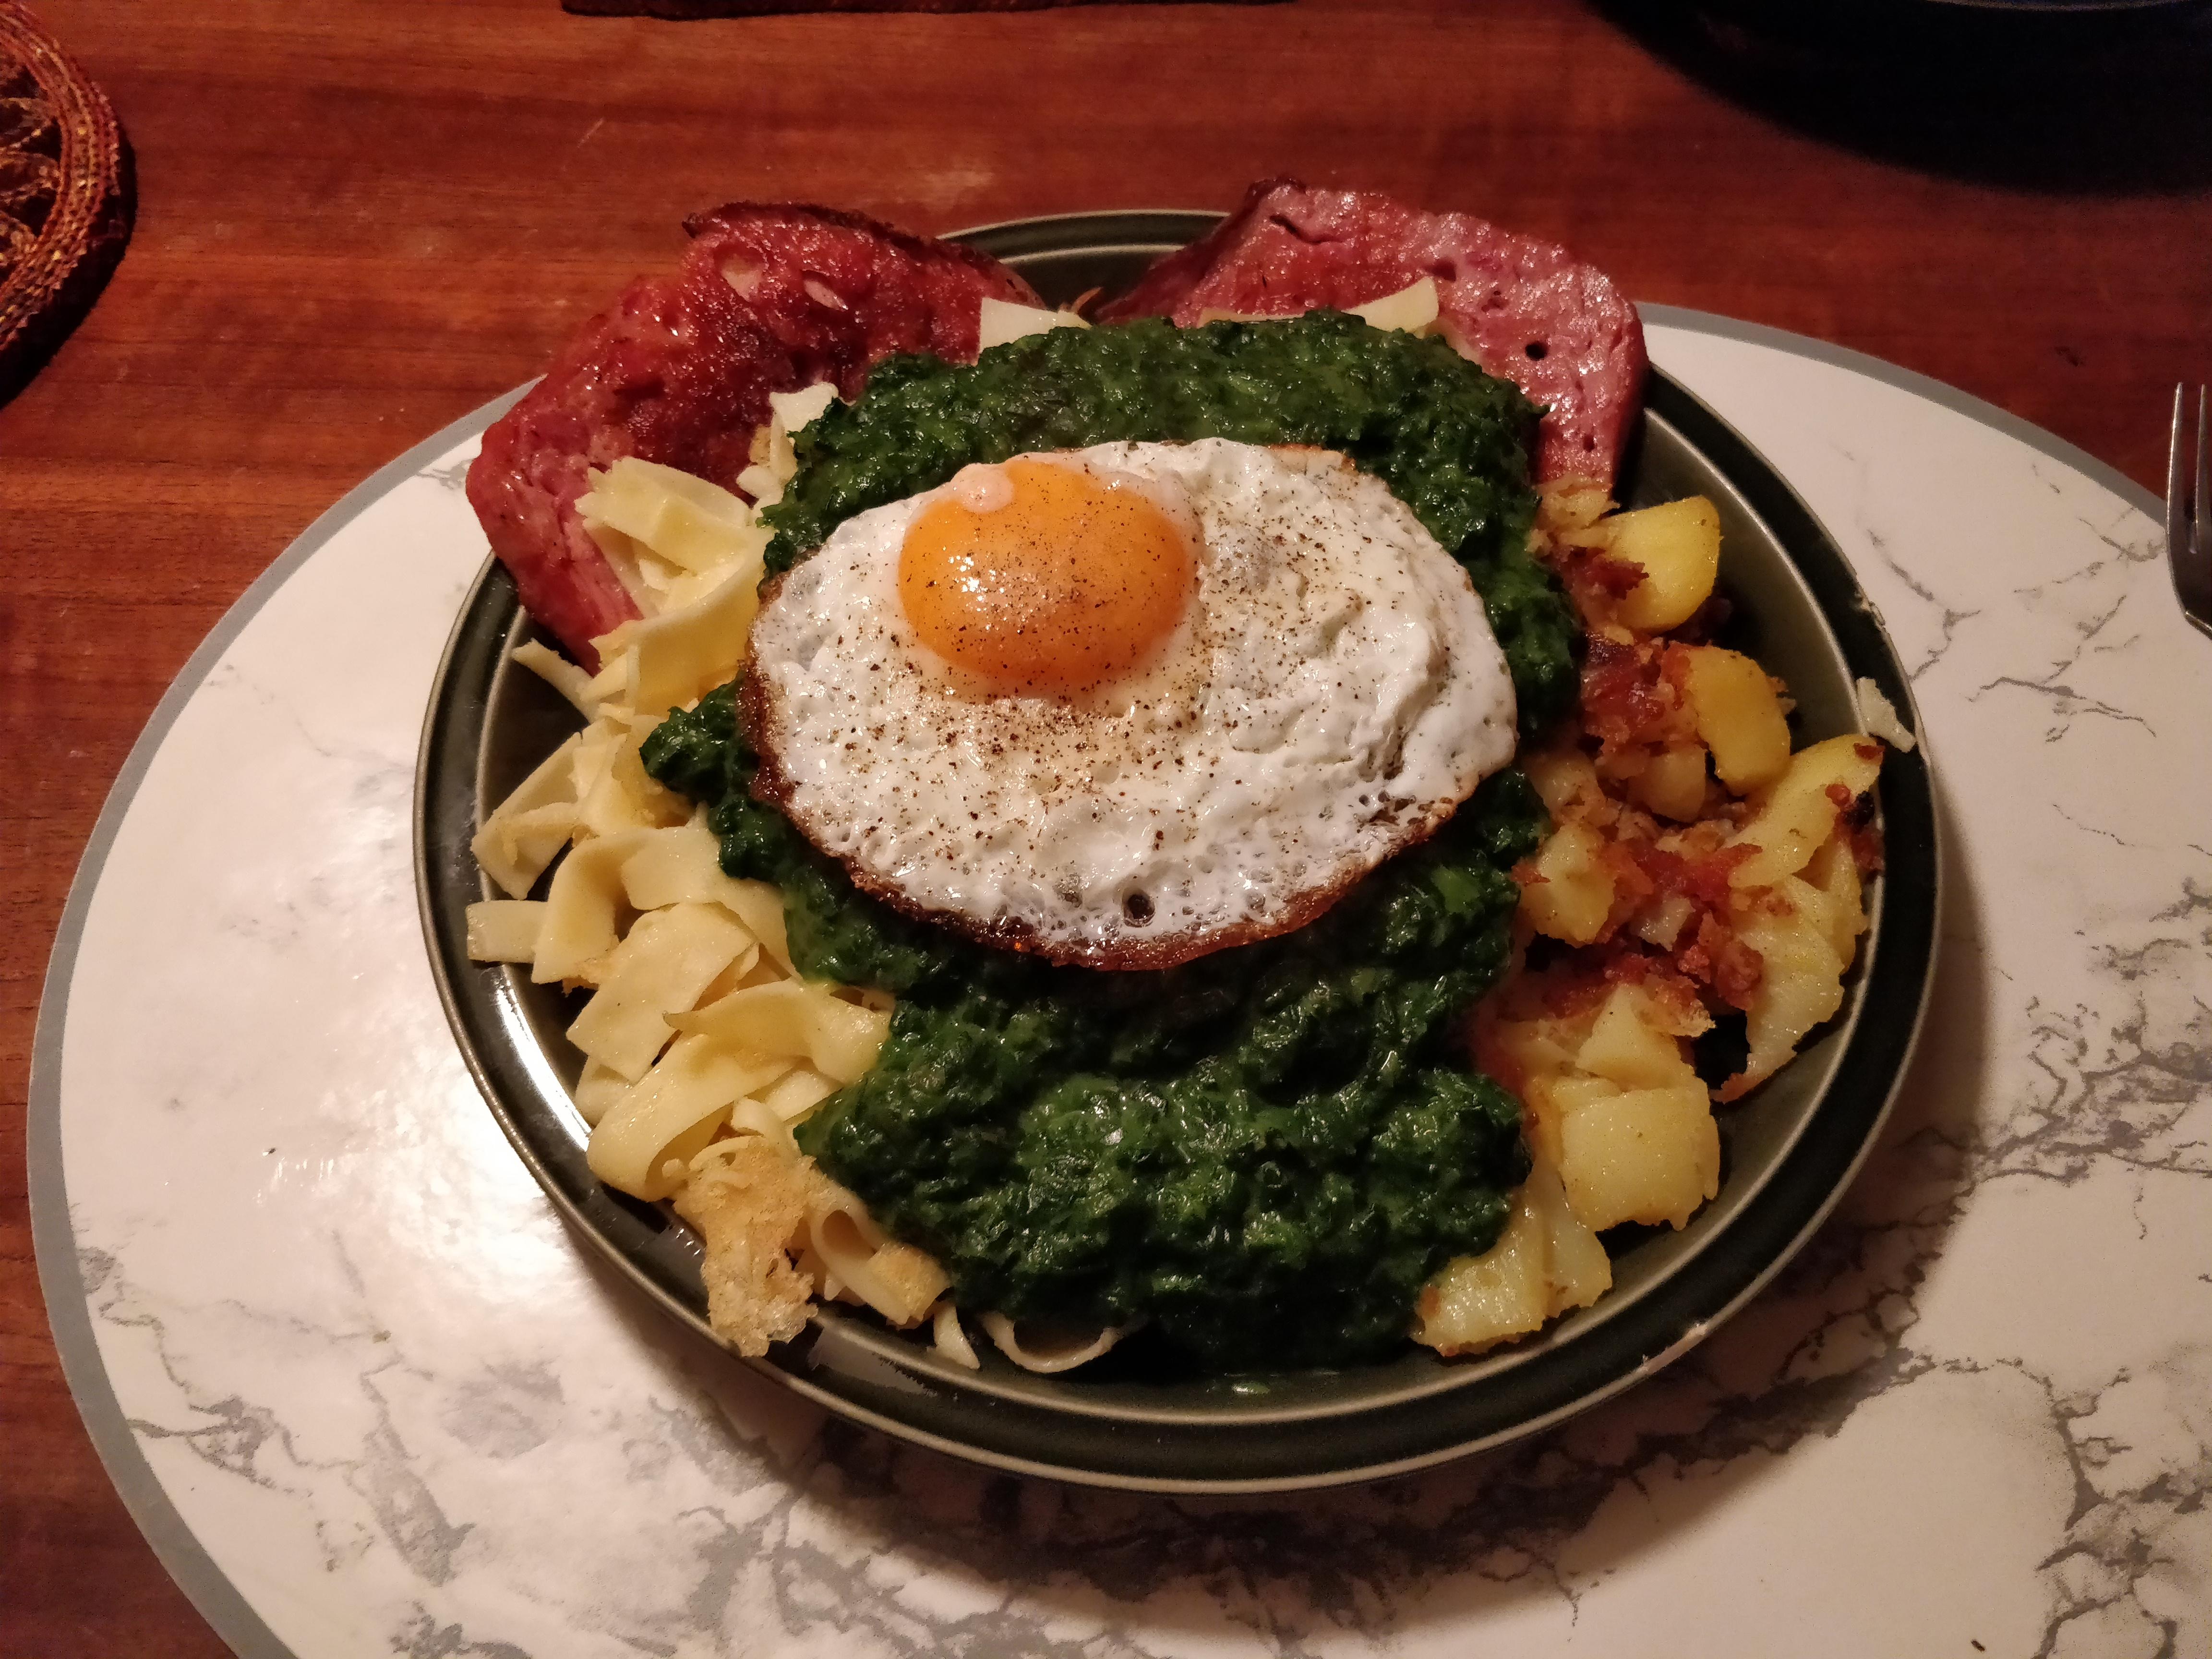 http://foodloader.net/nico_2017-10-04_fleischkaese-nudeln-bratkartoffeln-spinat-spiegelei.jpg